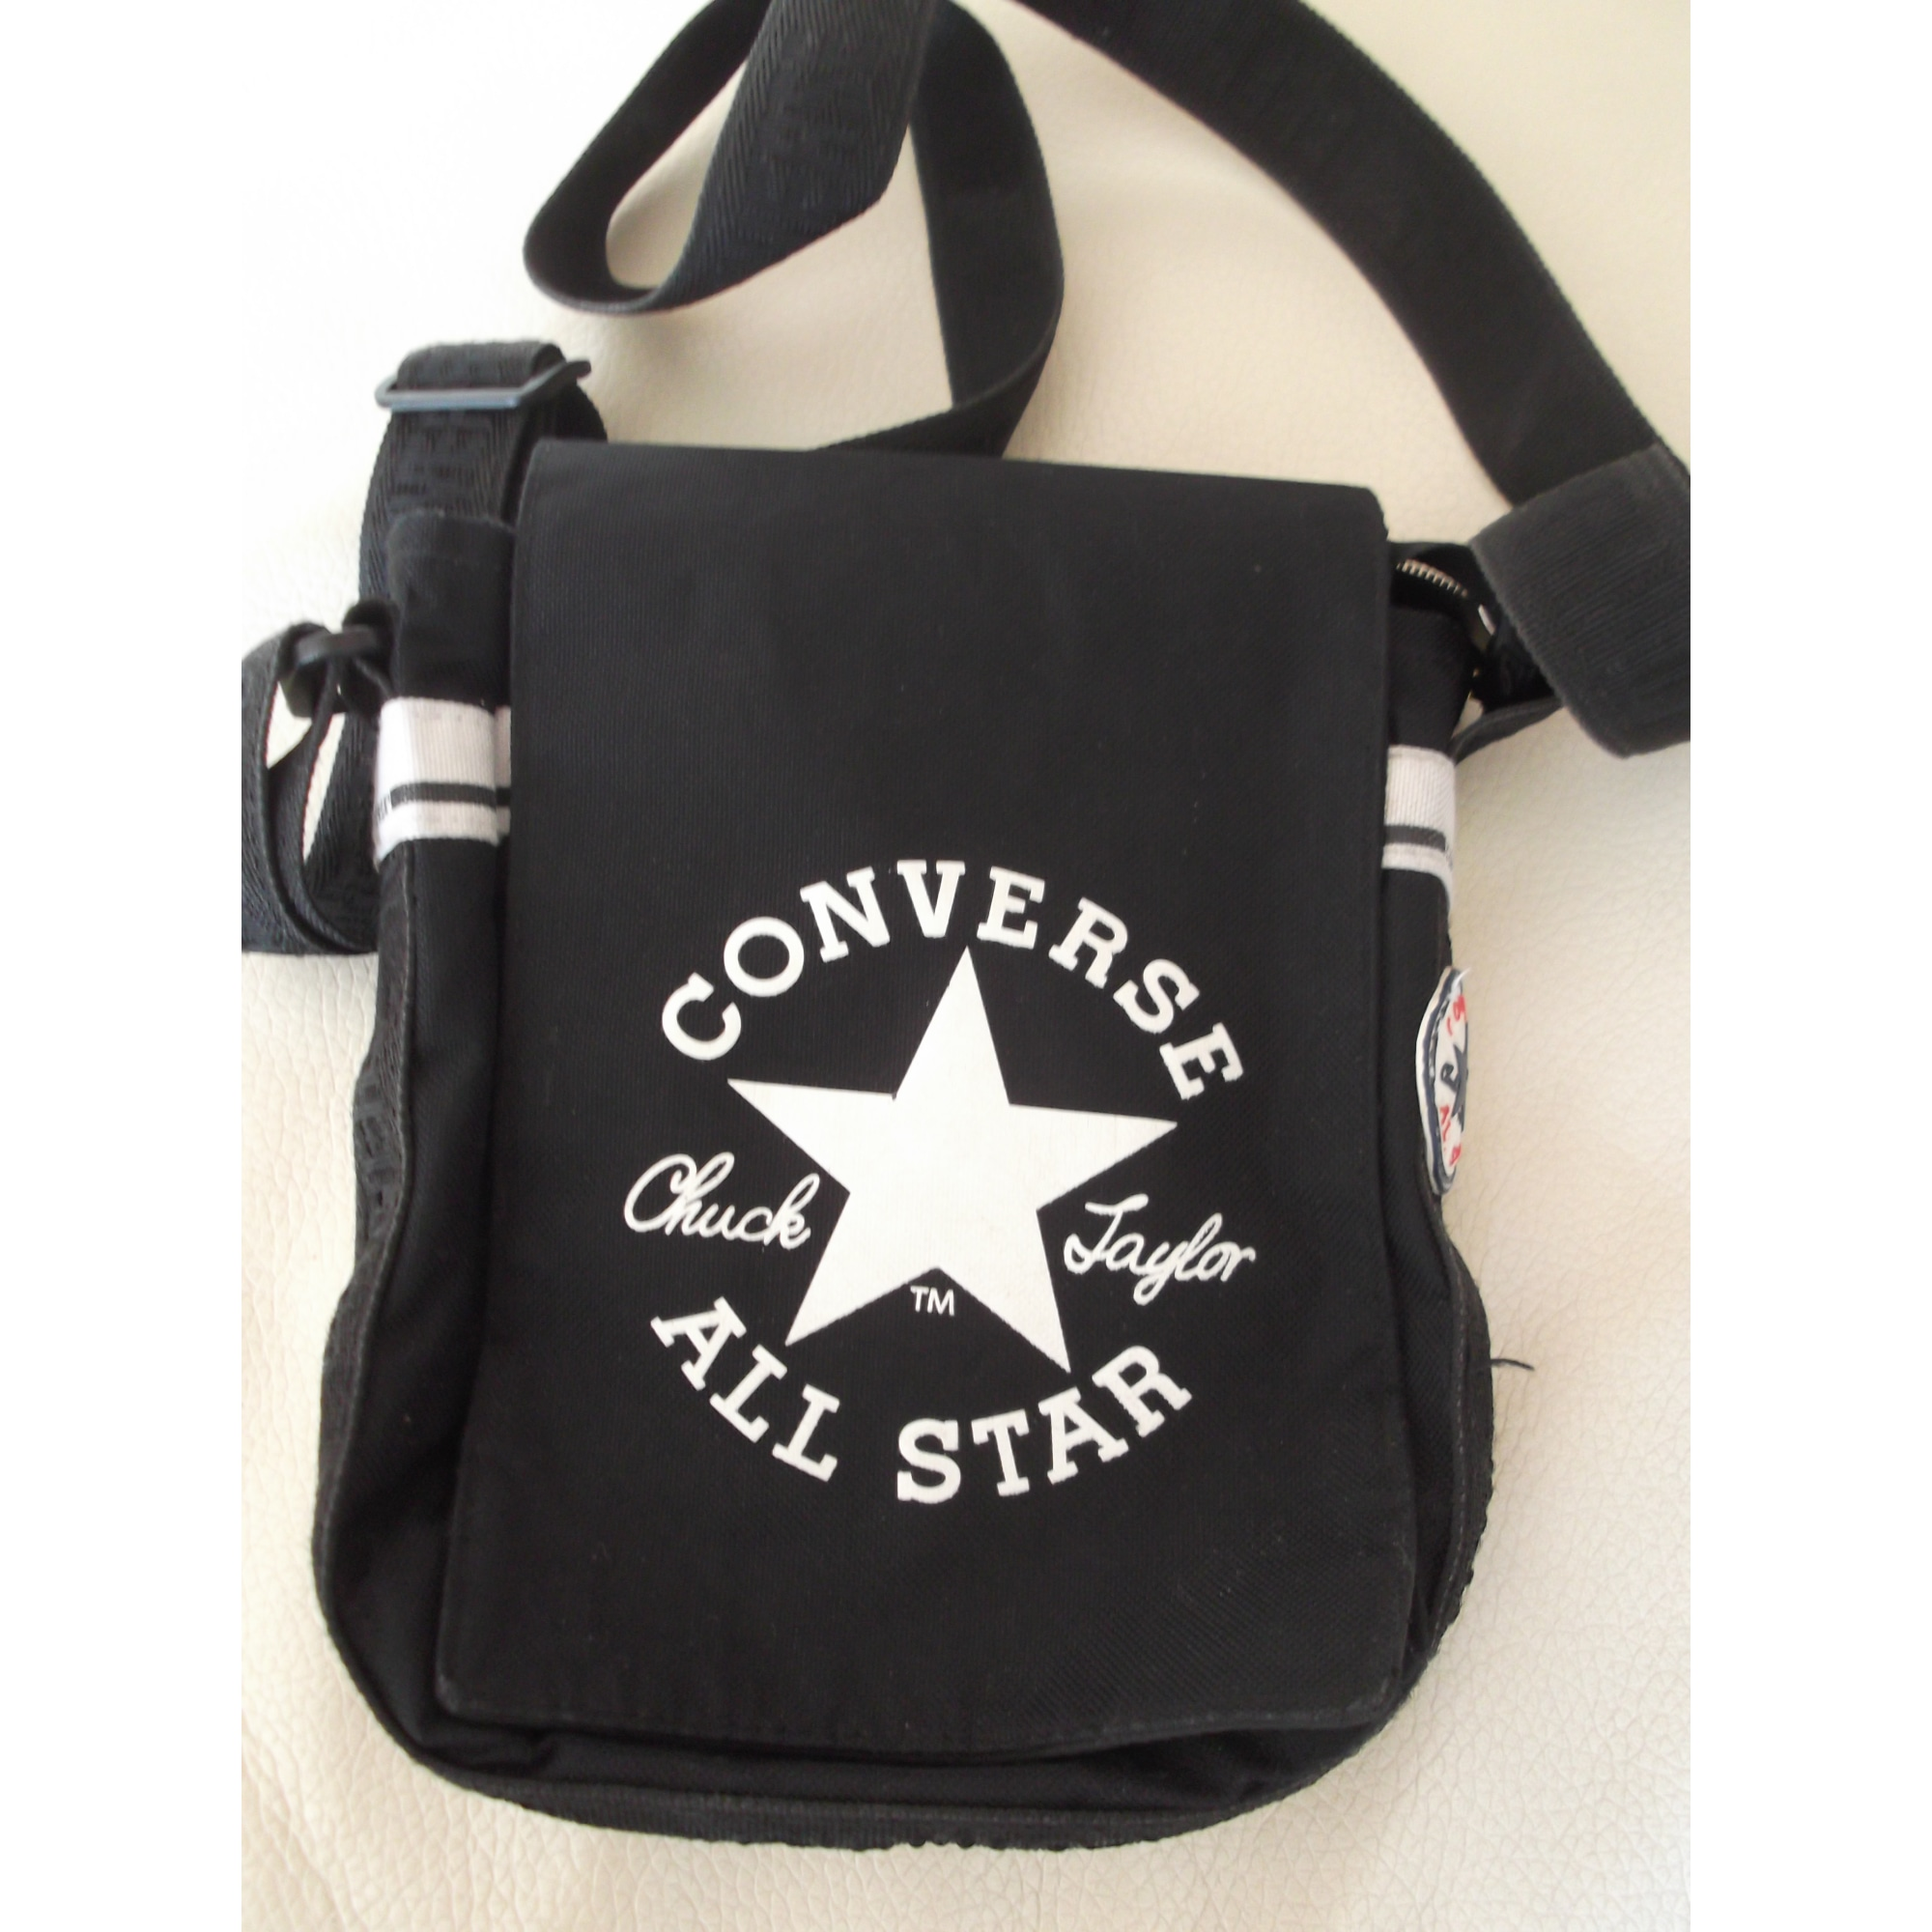 Pochette en bandoulière CONVERSE noir - 6075921